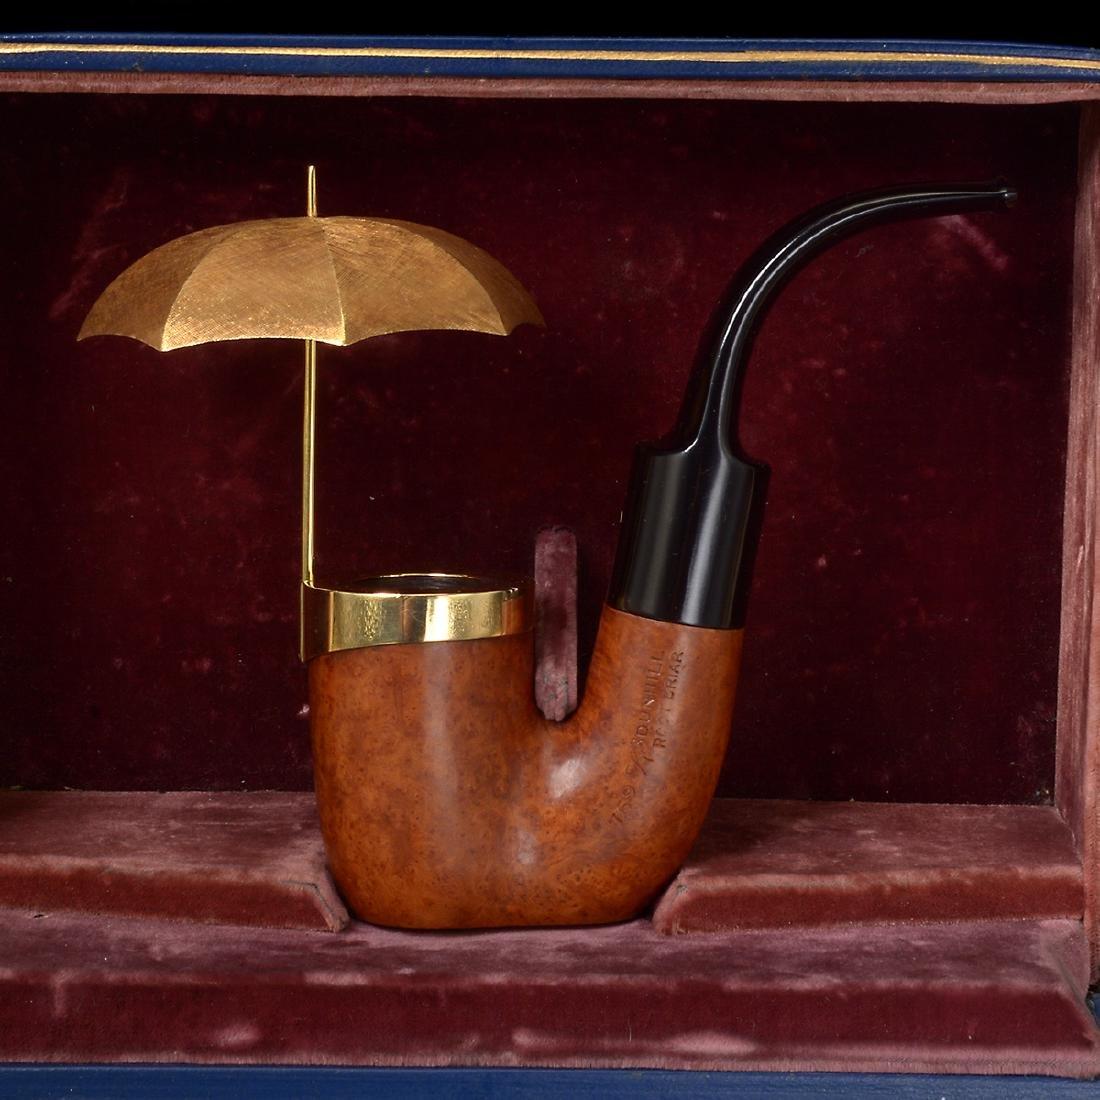 Dunhill Umbrella Pipe with Presentation Box - 2